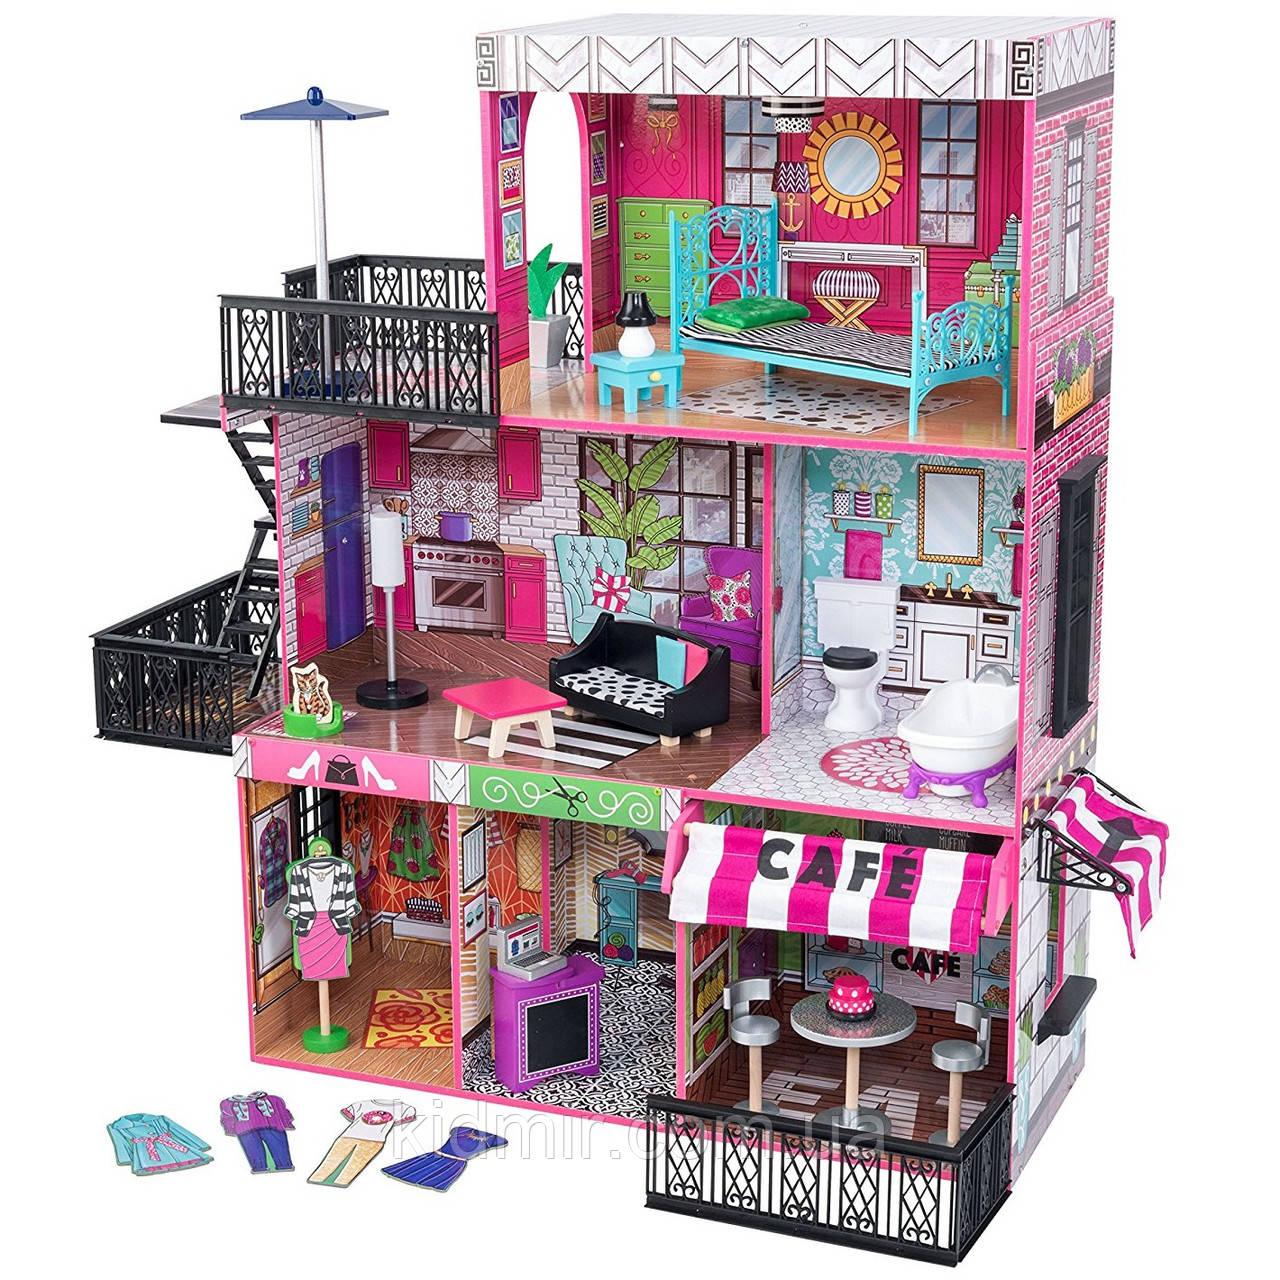 Кукольный дом с мебелью Бруклинский лофт KidKraft Brooklyn's Loft 65922